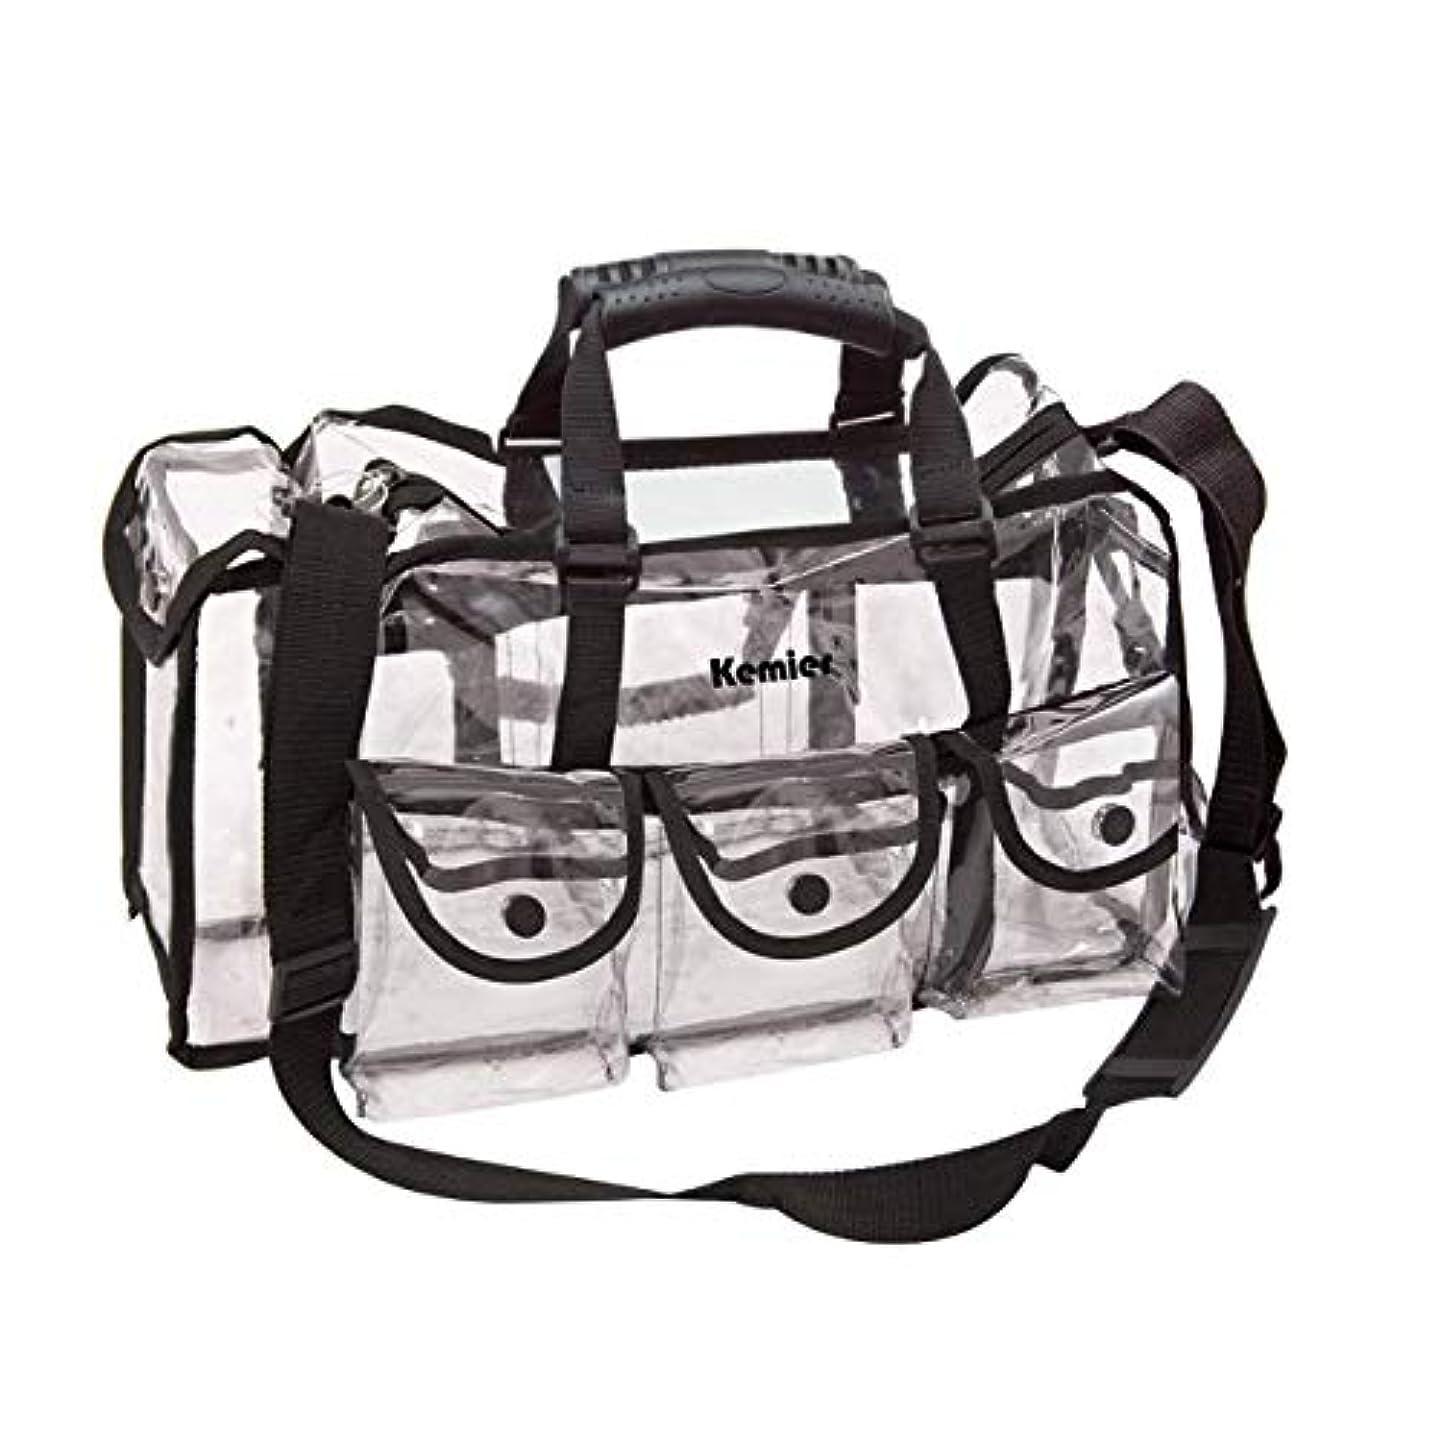 噴出する木曜日調停するKemier 透明 ハンドバッグ 機能的 コスメポーチ メイクポーチ メイクケース 小物入れ 化粧道具 整理整頓 軽量 防水 旅行 小物入れ 6つの外側ポケット付き